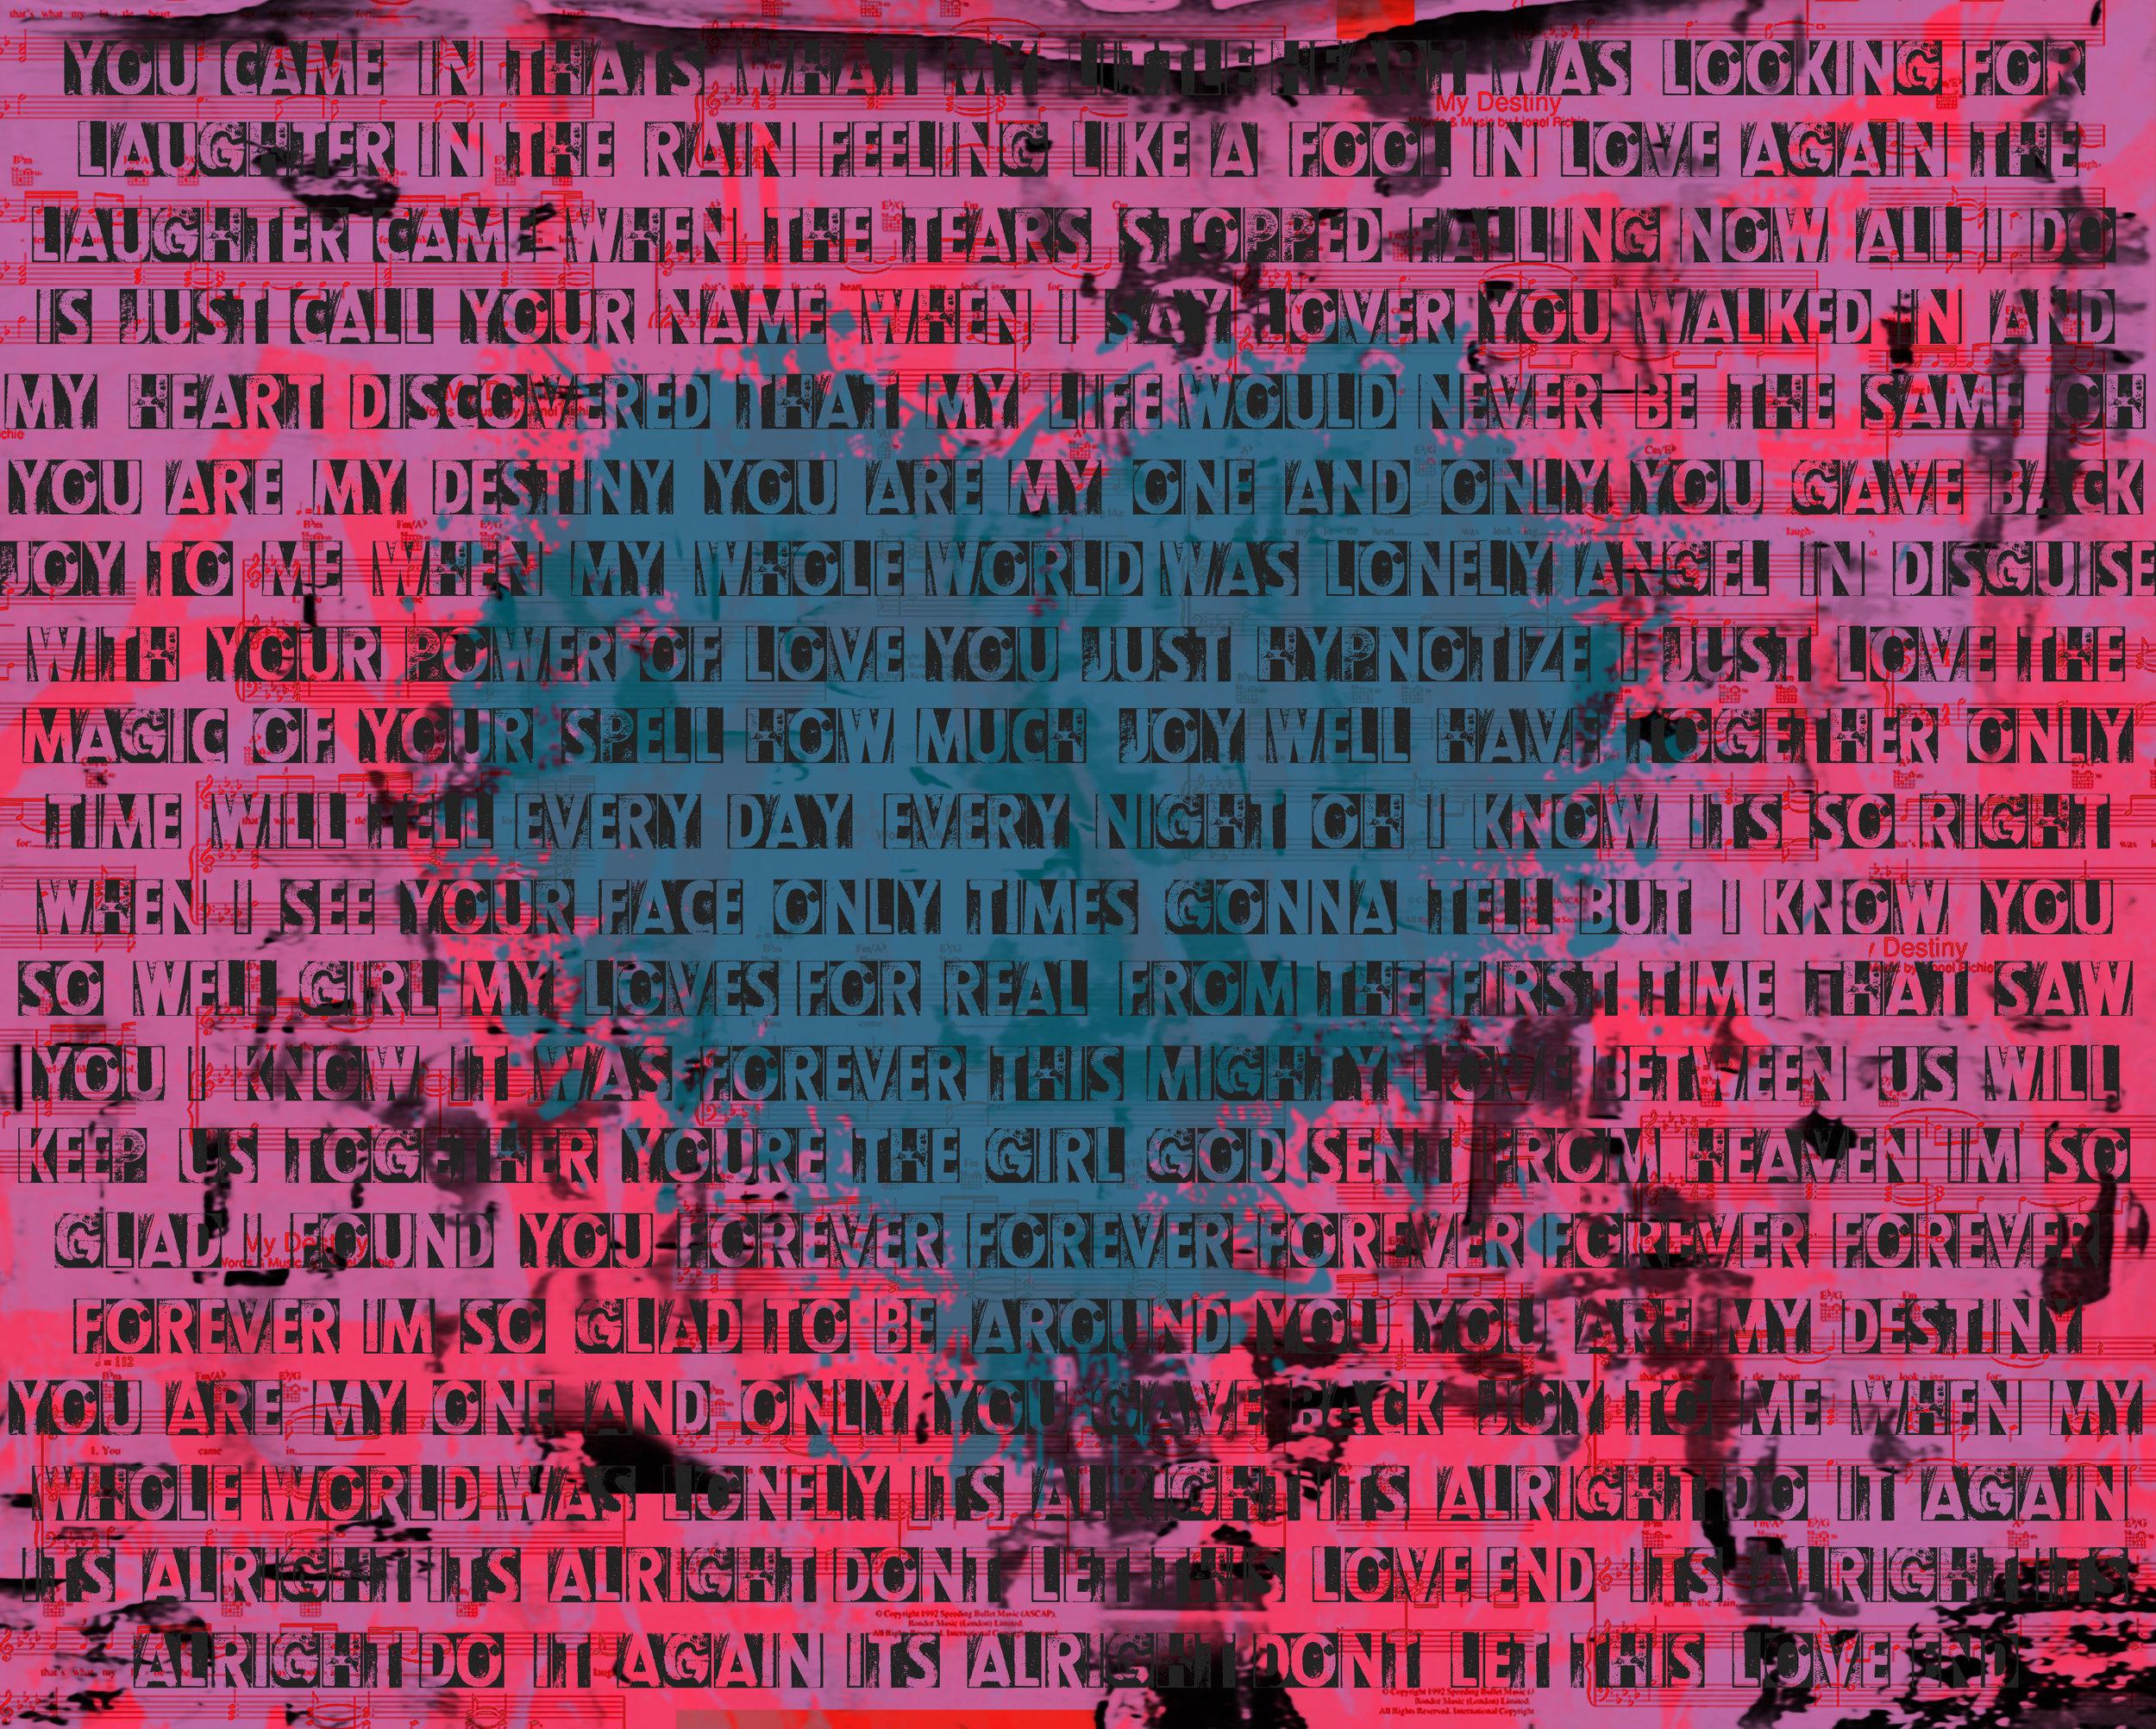 DestinyLyricscloseblueheart.jpg